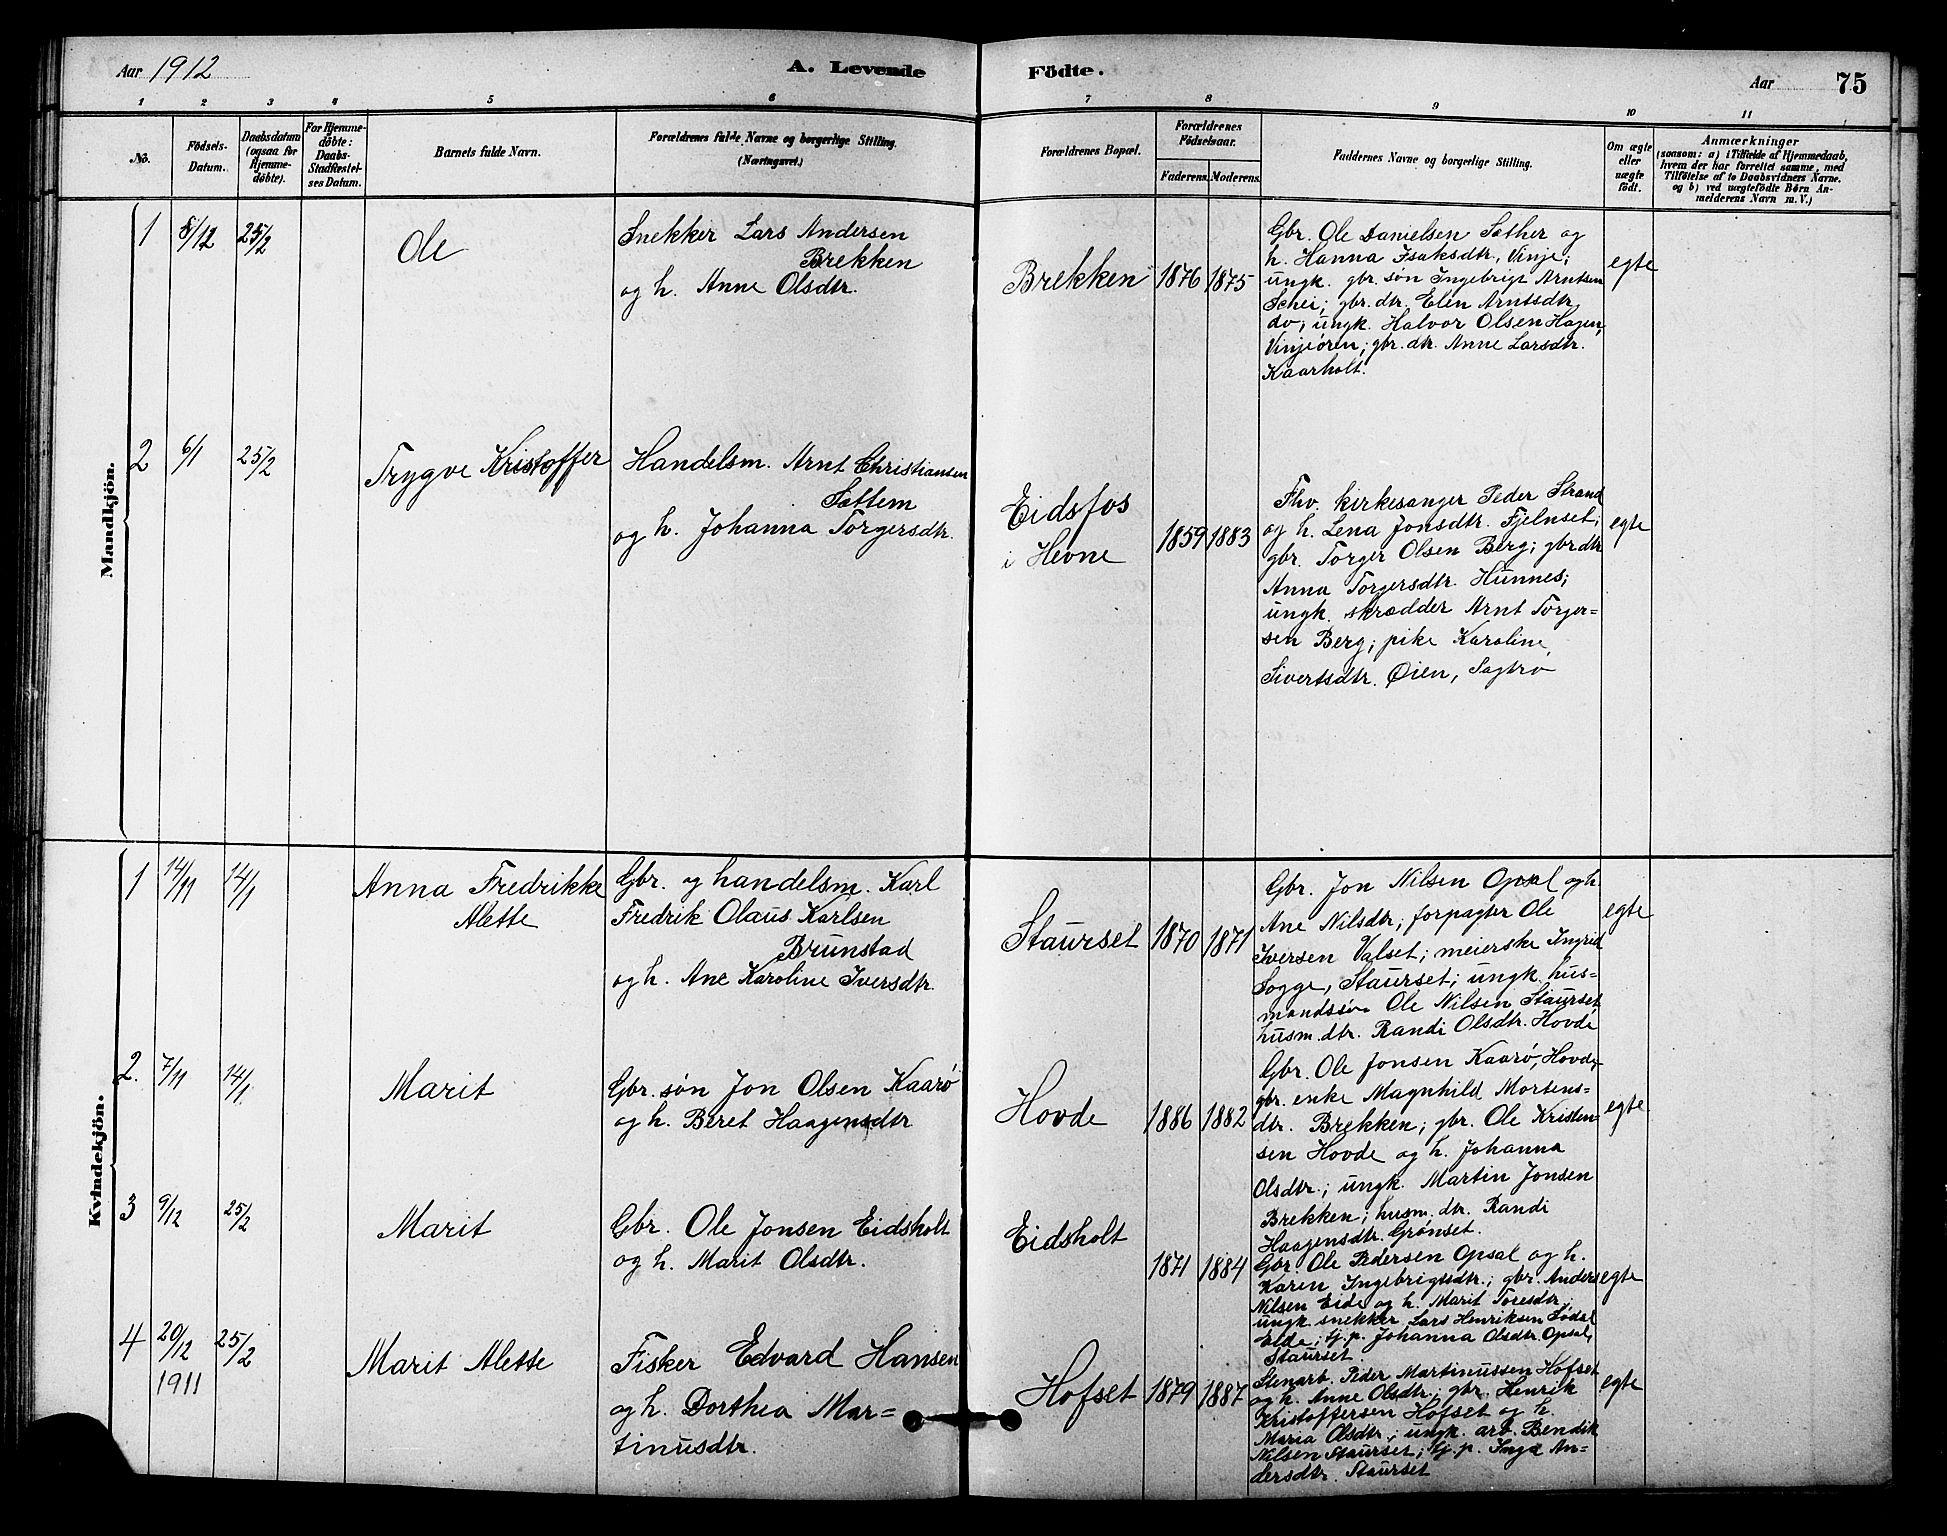 SAT, Ministerialprotokoller, klokkerbøker og fødselsregistre - Sør-Trøndelag, 631/L0514: Klokkerbok nr. 631C02, 1879-1912, s. 75